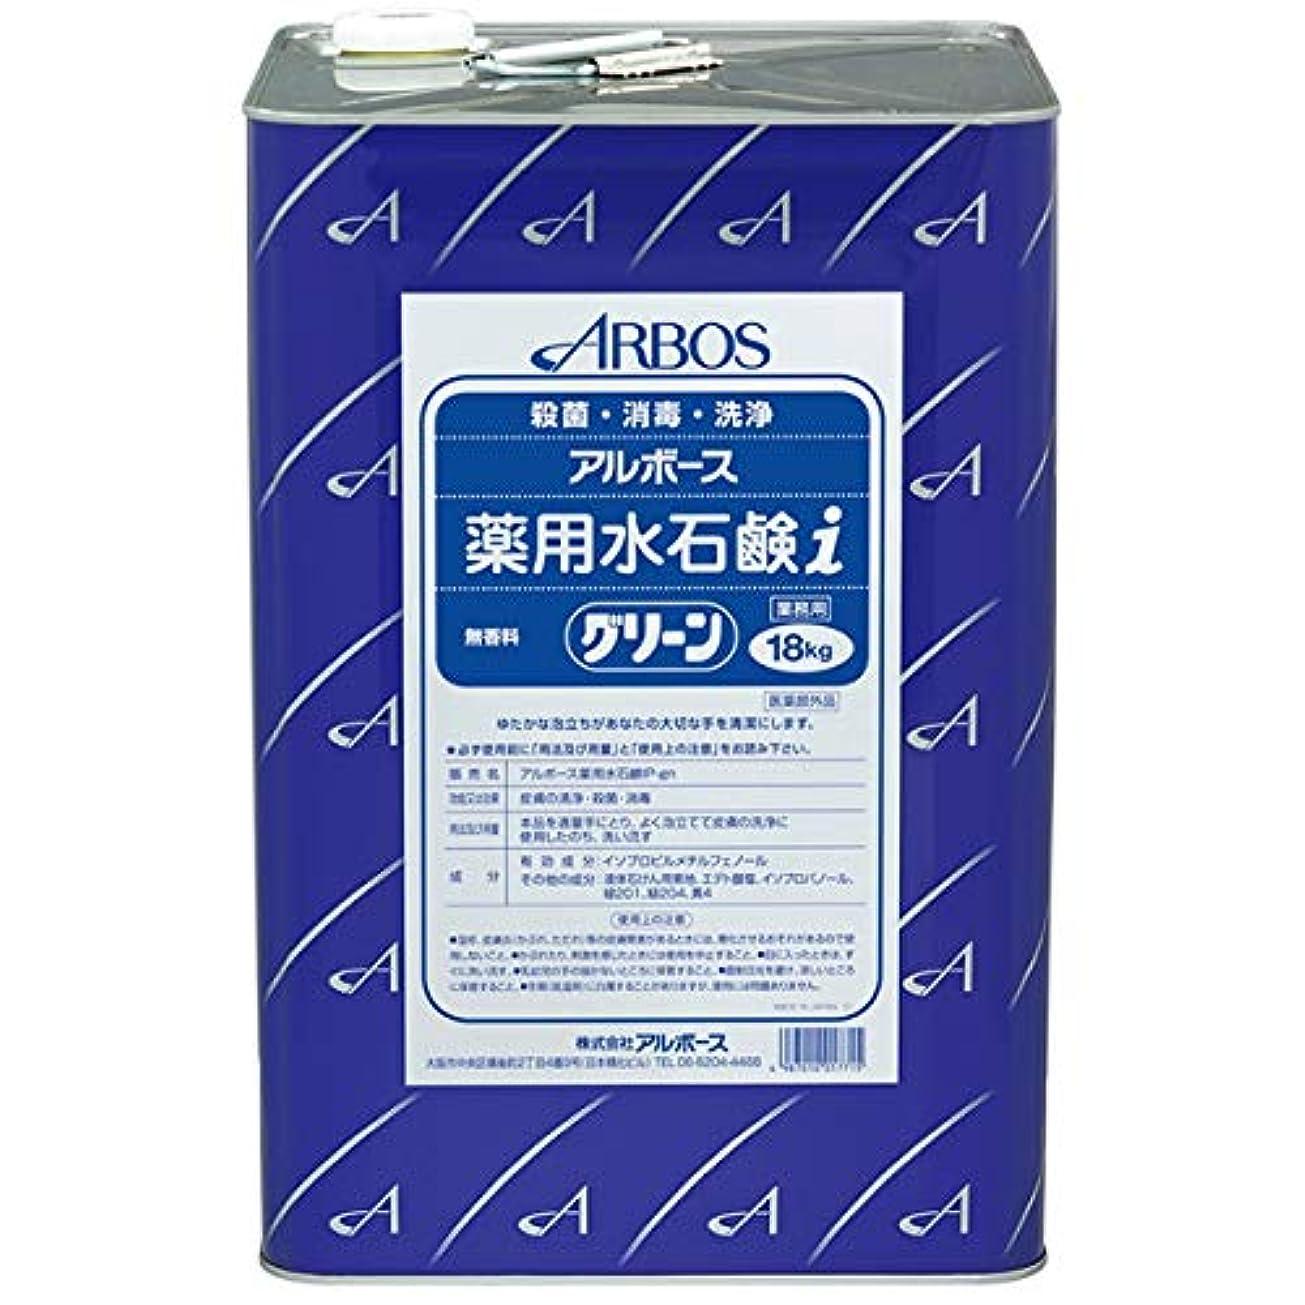 学校くるくるくるくる【清潔キレイ館】アルボース薬用水石鹸グリーンi(18L)